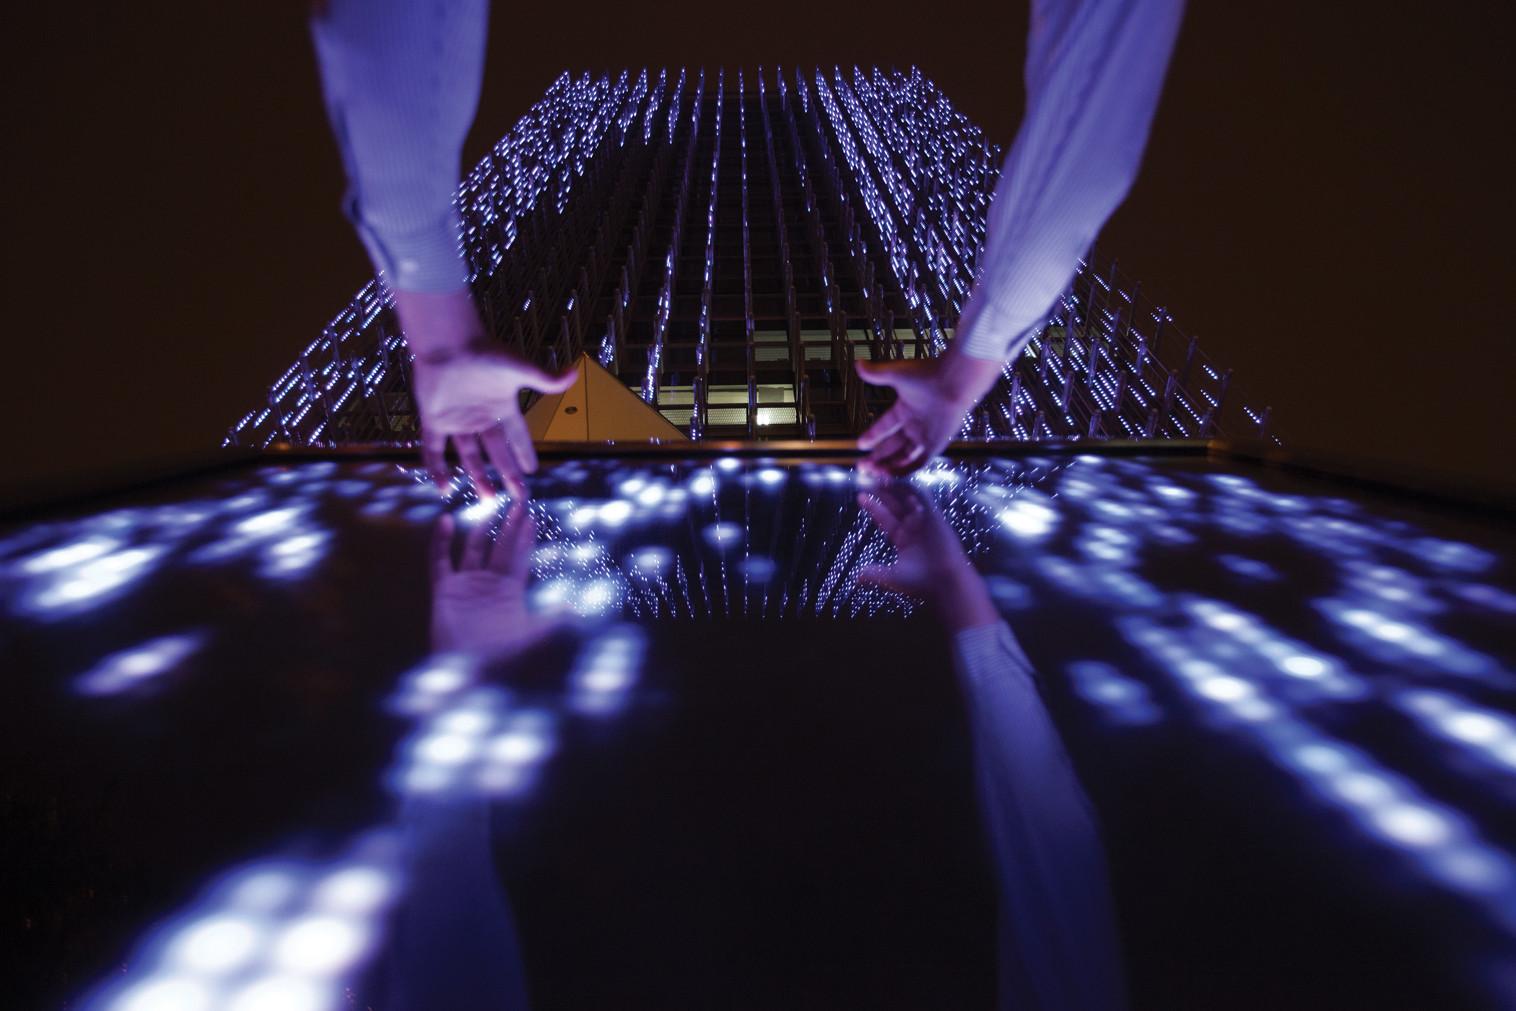 Affinity instalación de Arte Interactiva - BCP Building, Perú; por Claudia Paz. Image Cortesia de Lamp Lighting